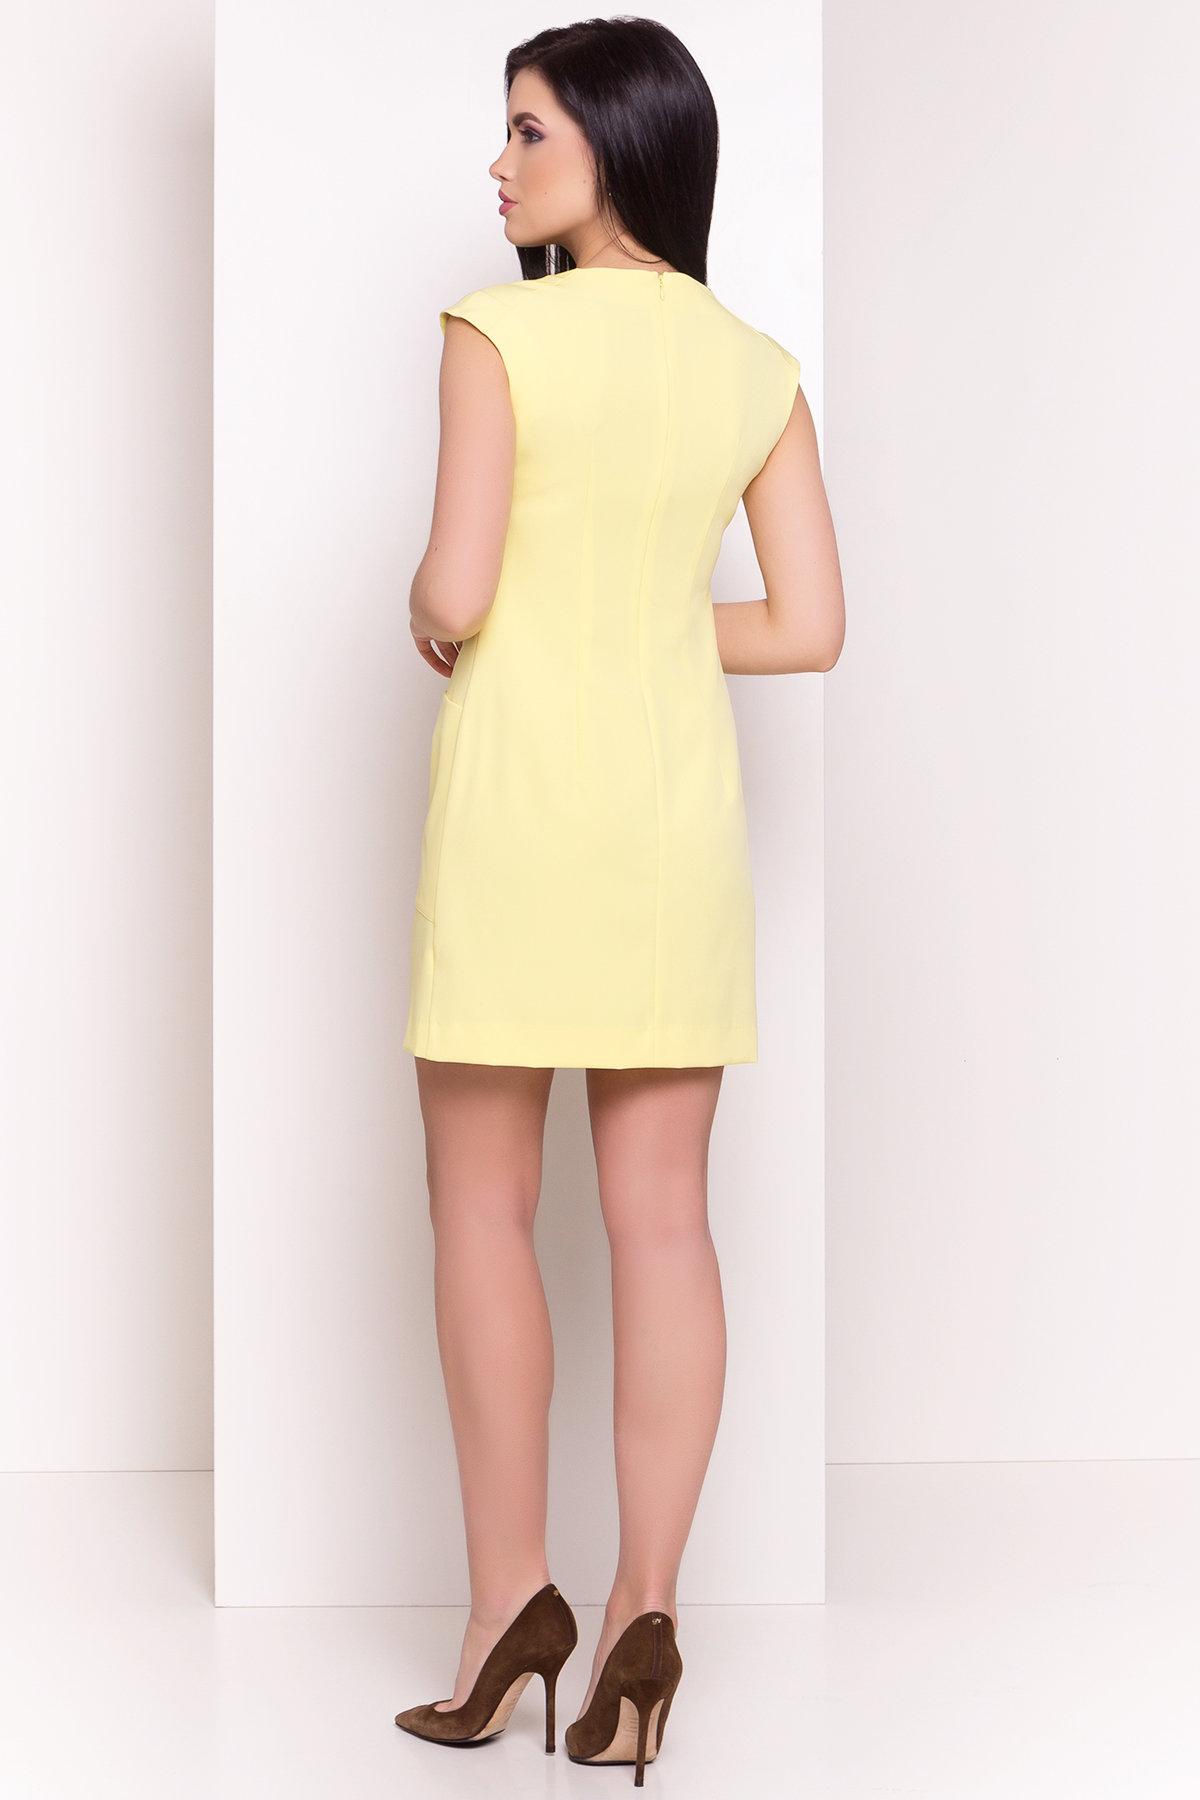 Платье Виларго лайт 270 Цвет: Желтый